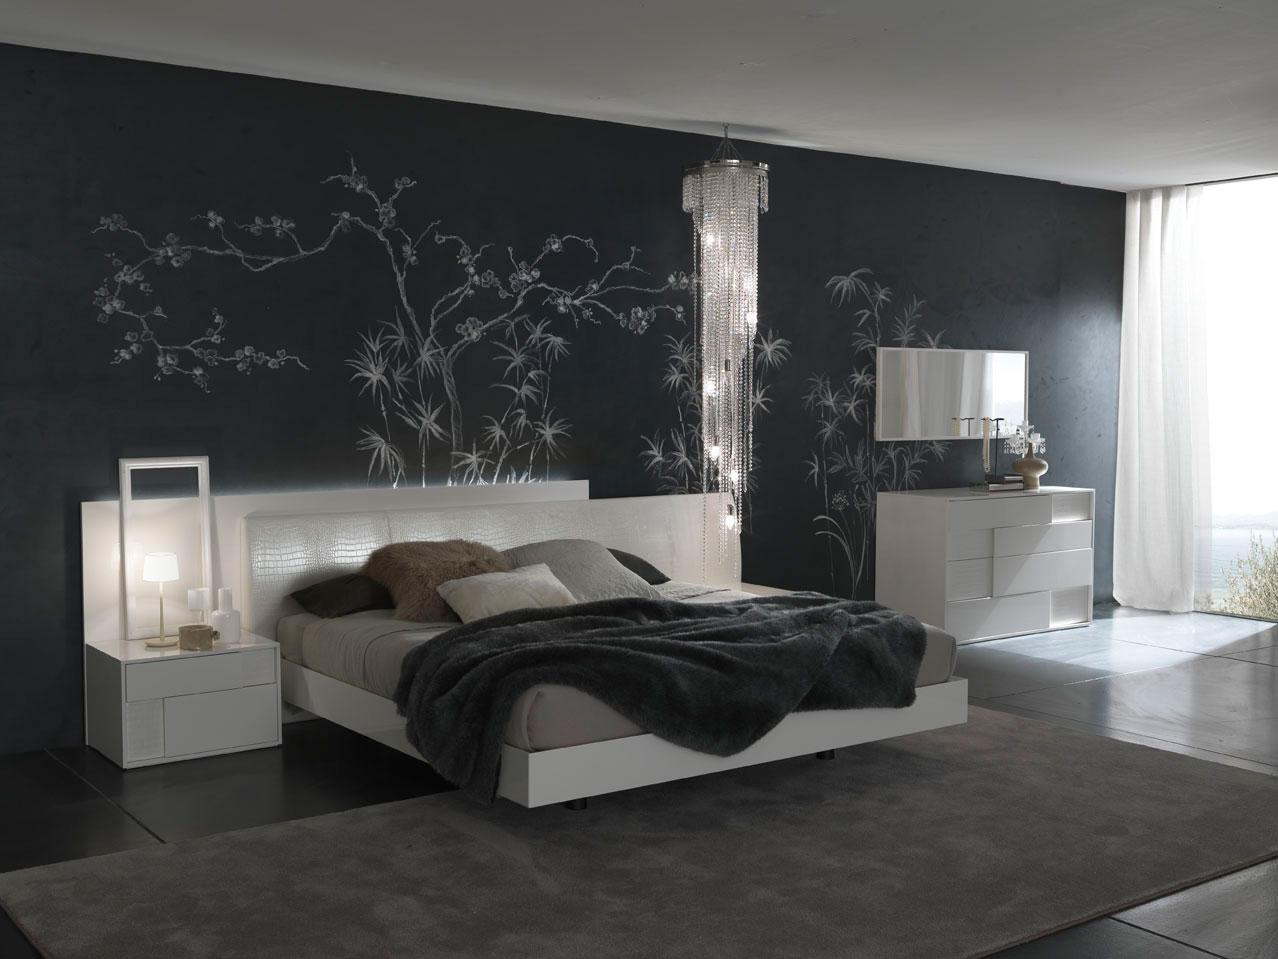 بالصور ورق جدران غرف نوم , ورق الحوائط المناسب لغرف النوم 516 8